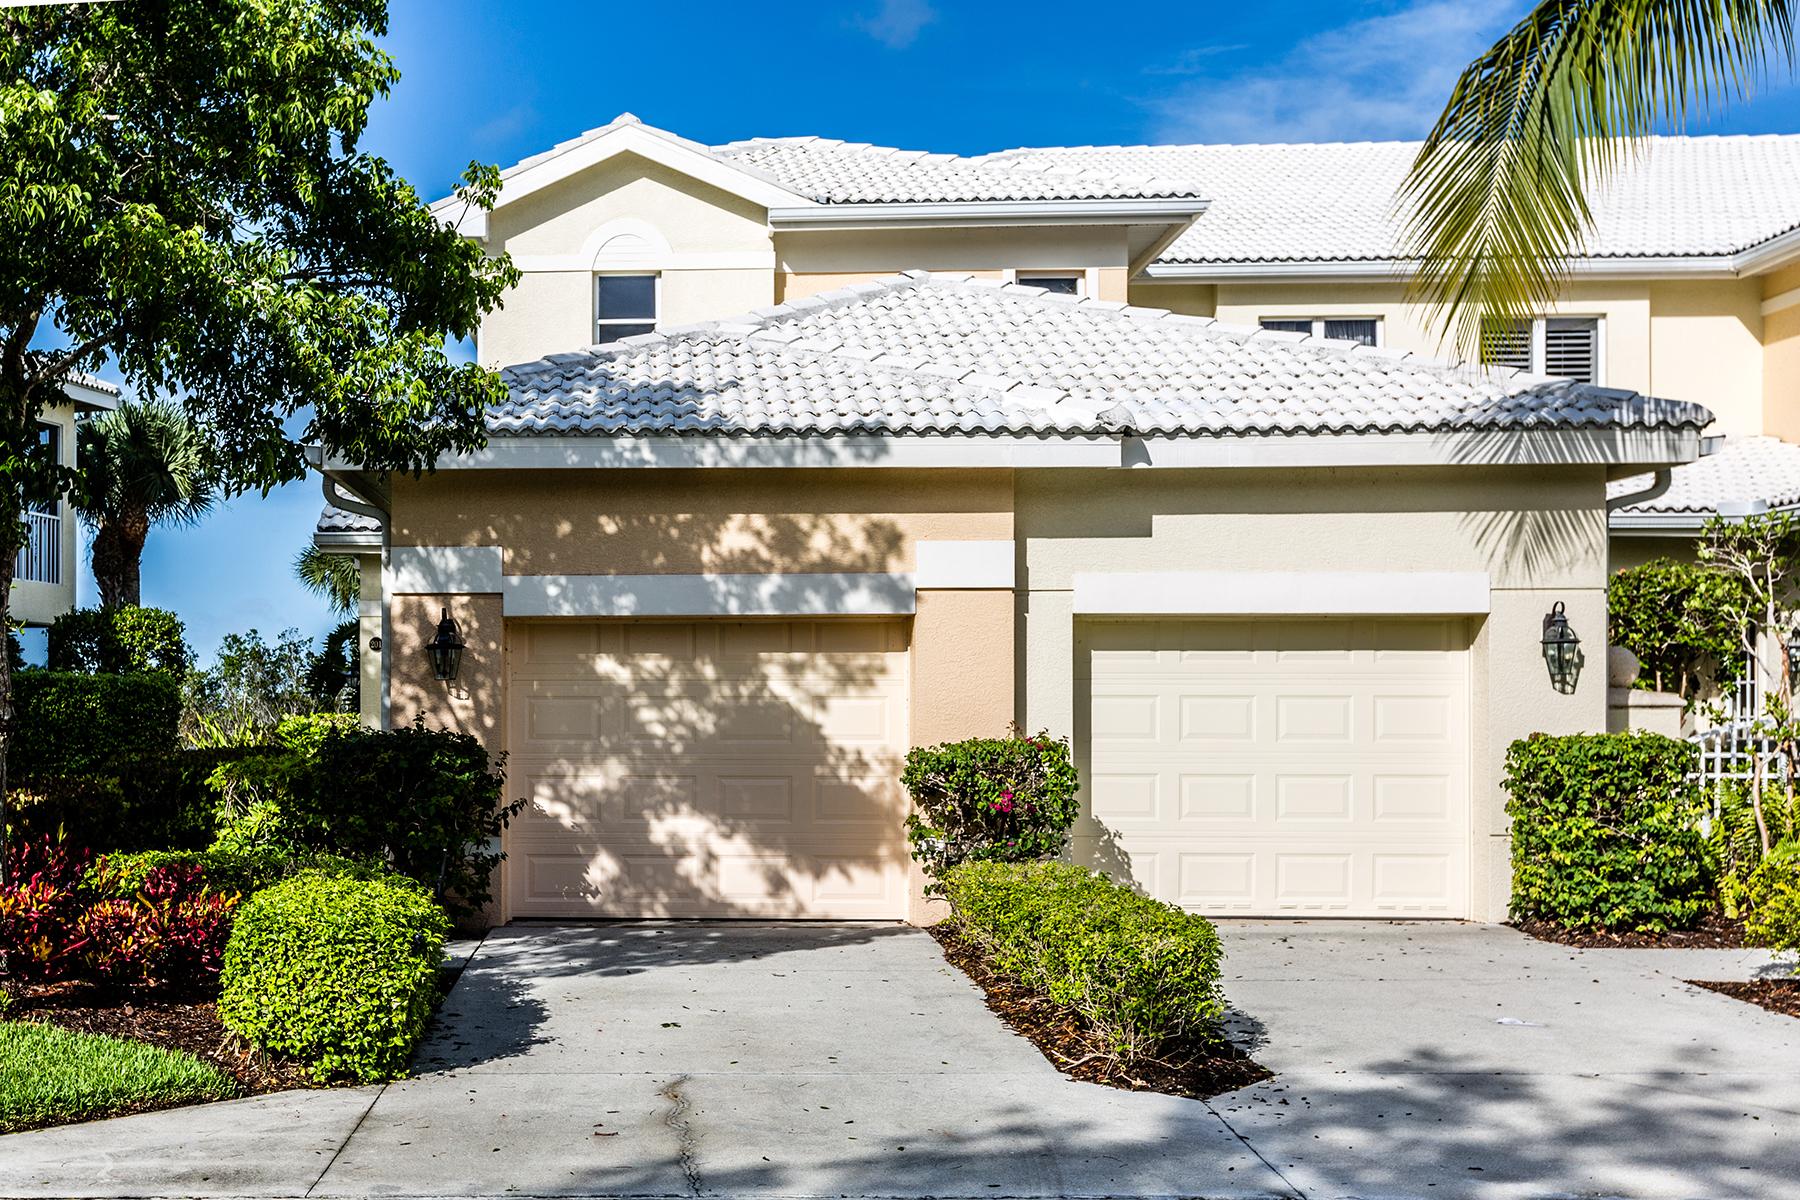 Eigentumswohnung für Verkauf beim FIDDLER'S CREEK - HAWK'S NEST 4695 Hawks Nest Way 201 Naples, Florida, 34114 Vereinigte Staaten